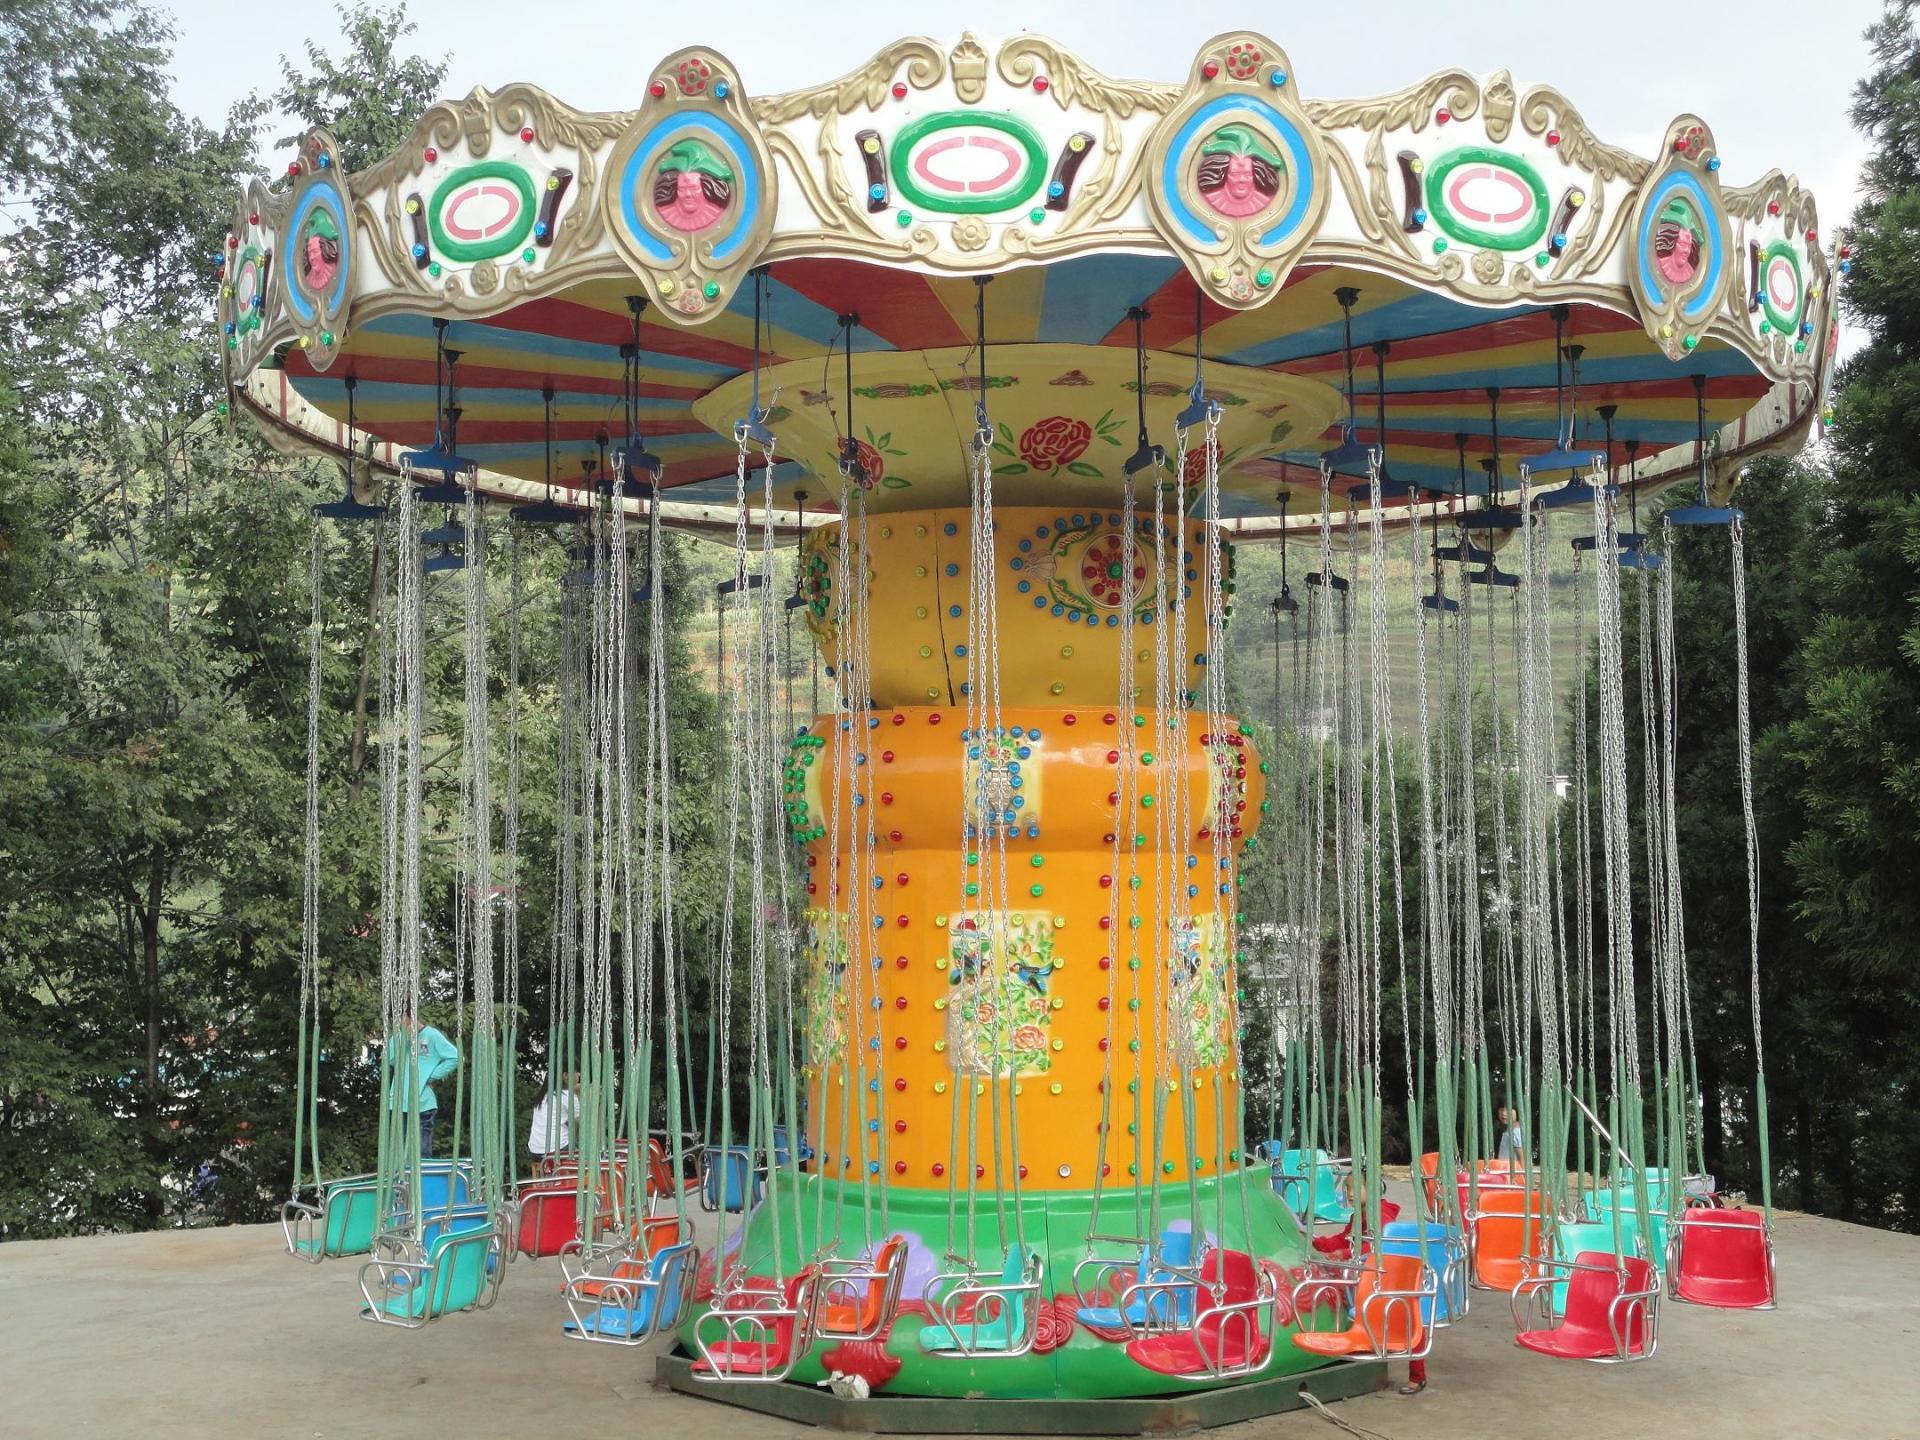 厂家直销现货供应24座豪华飞椅项目 公园经典游乐飓风飞椅报价示例图4